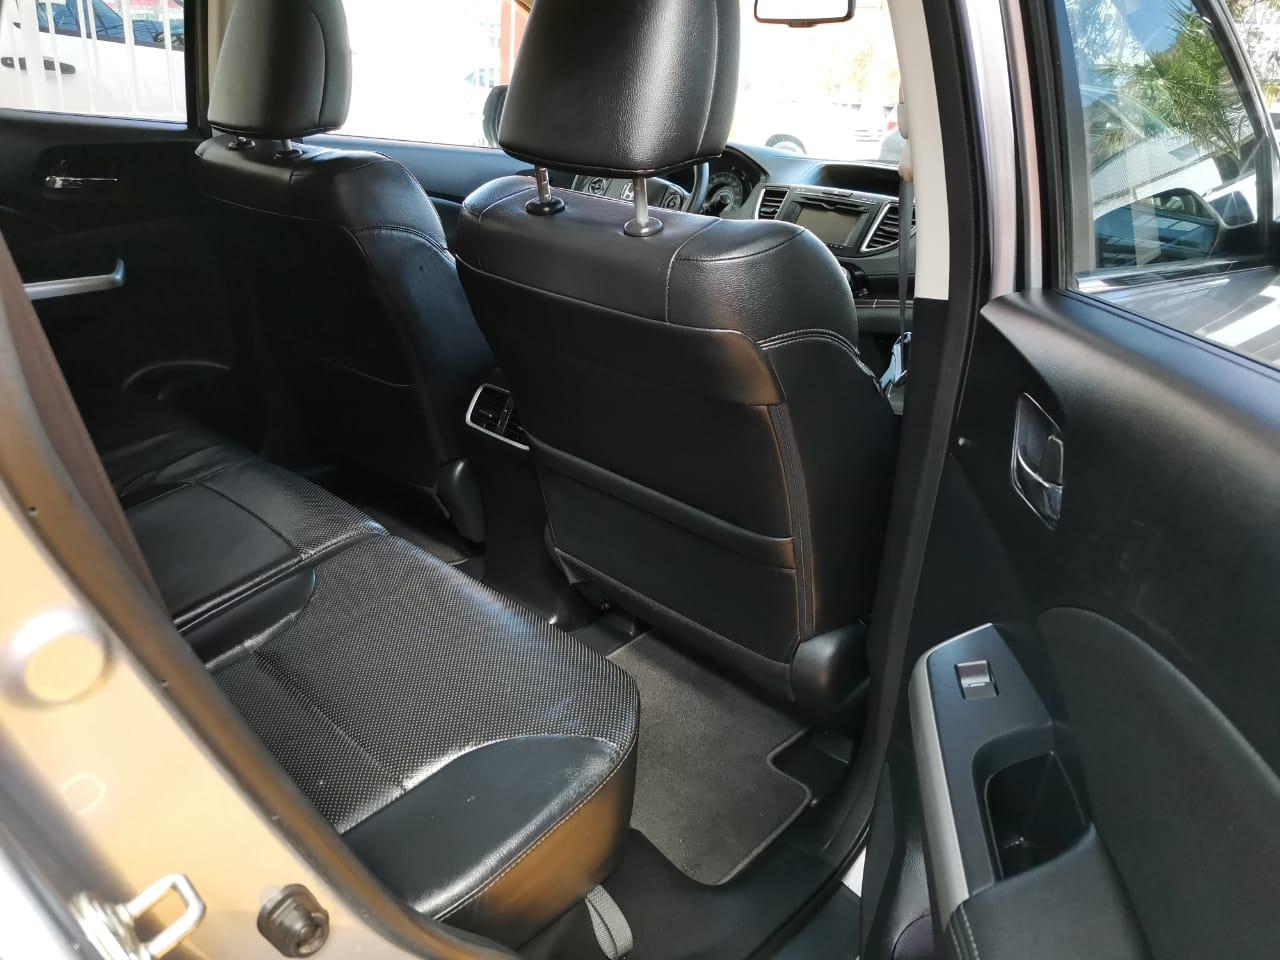 Honda CR-V 2016 EXL Navi lleno